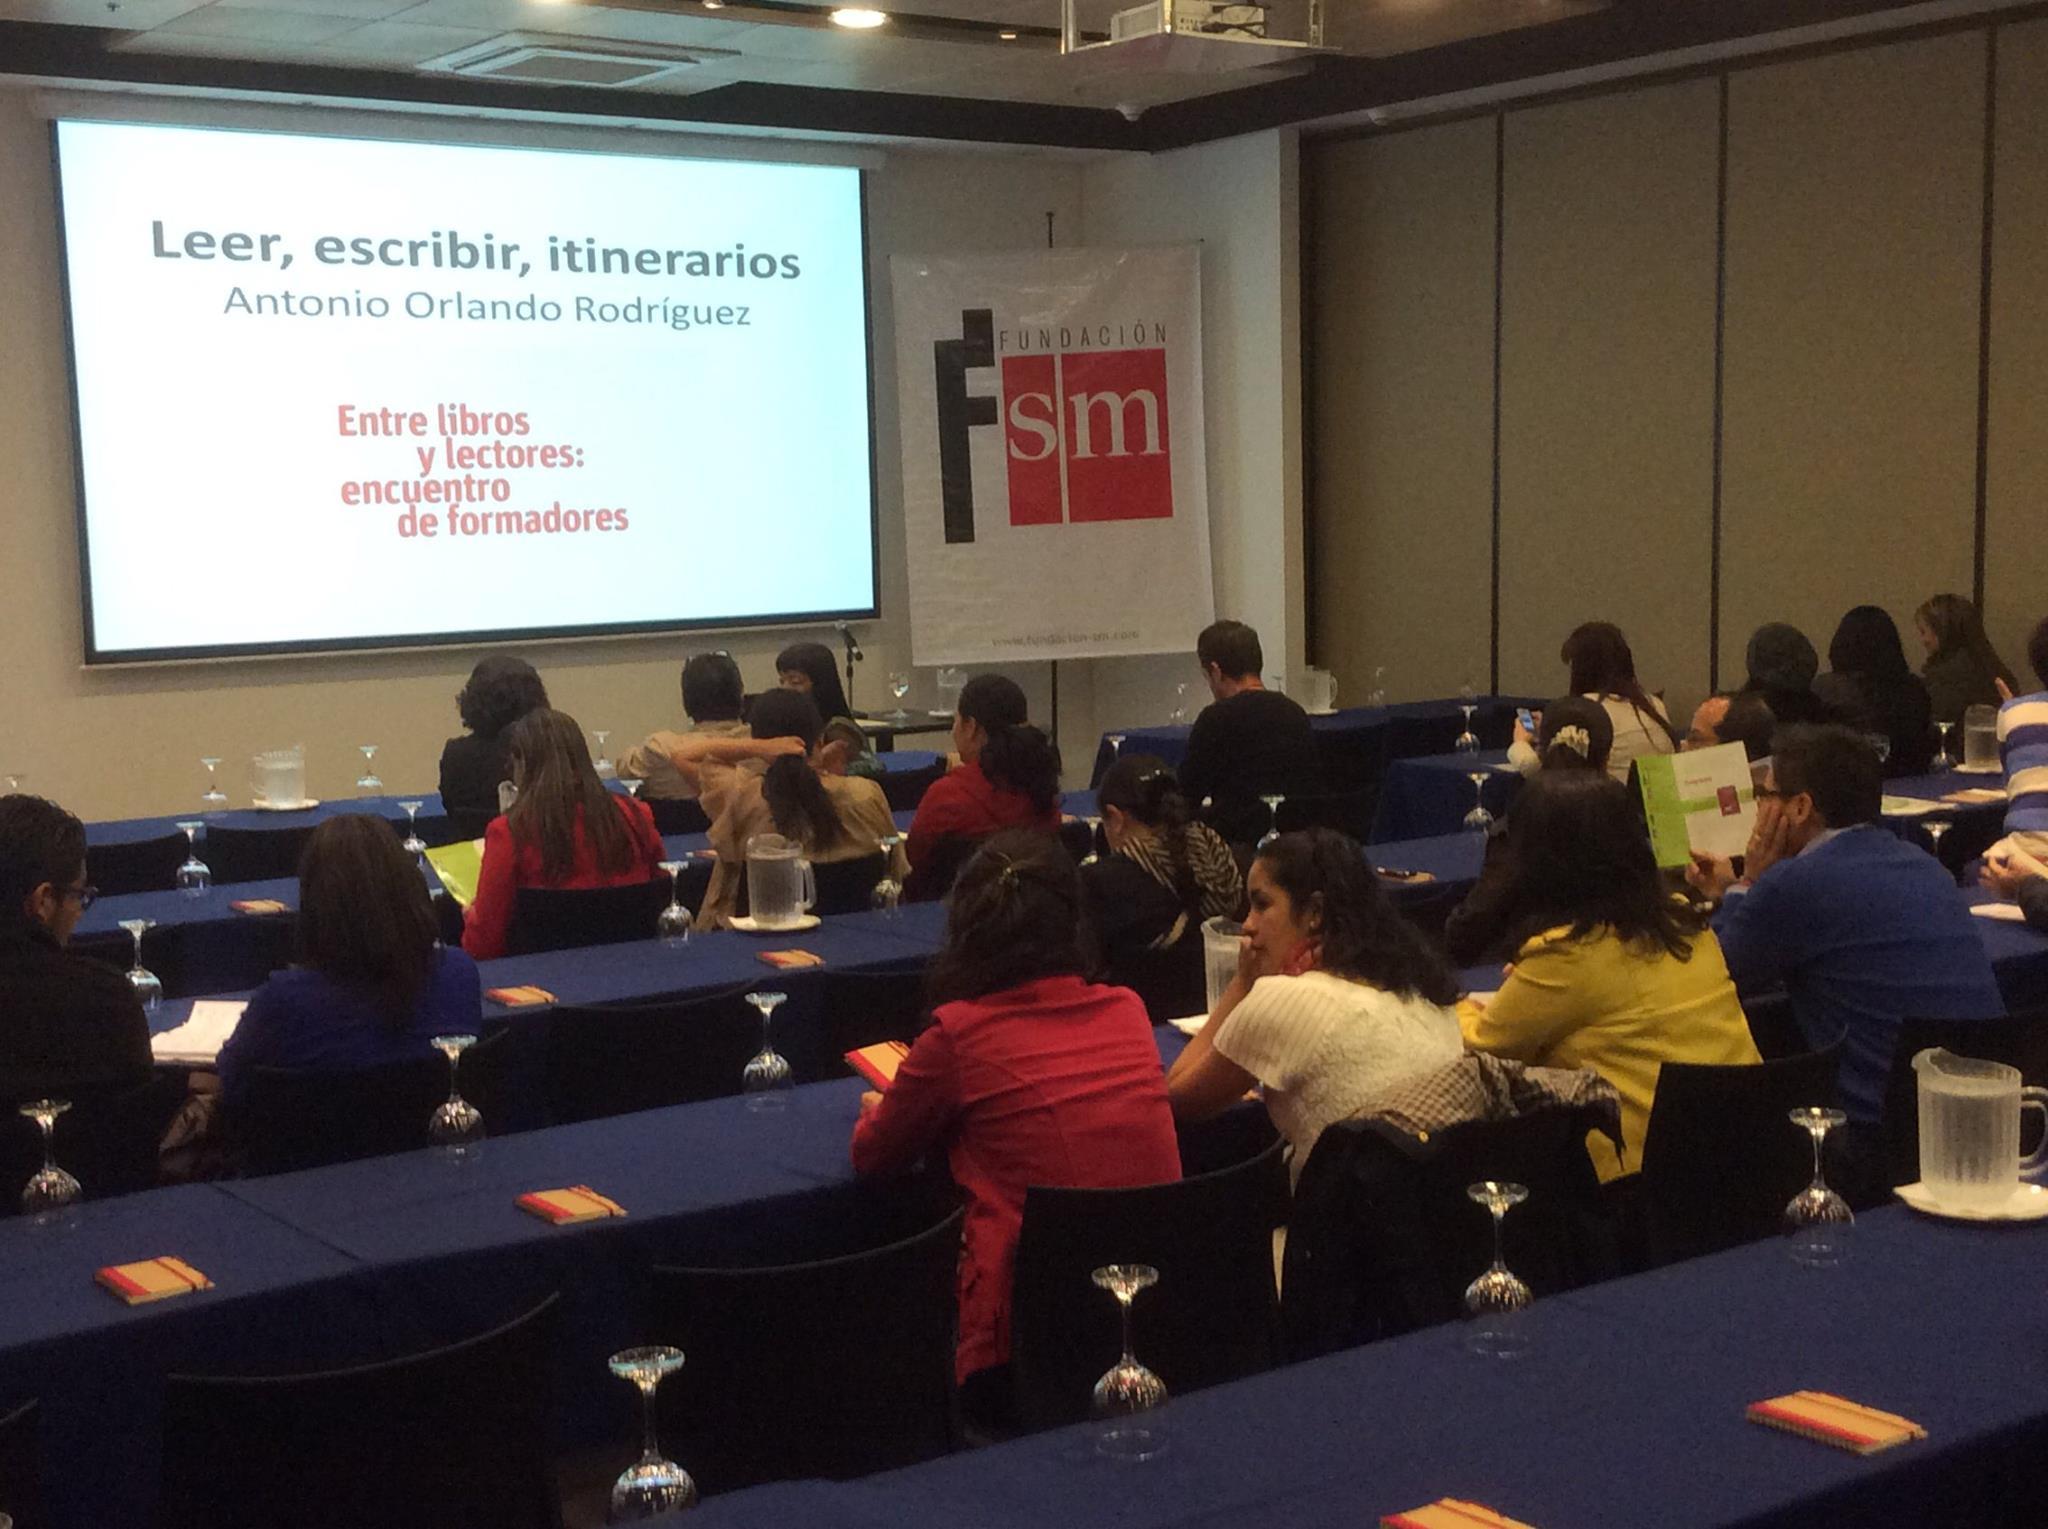 """La presentación de """"La aventura de la palabra"""" en Colombia tuvo como marco el evento """"Entre libros y lectores: encuentro de formadores""""."""